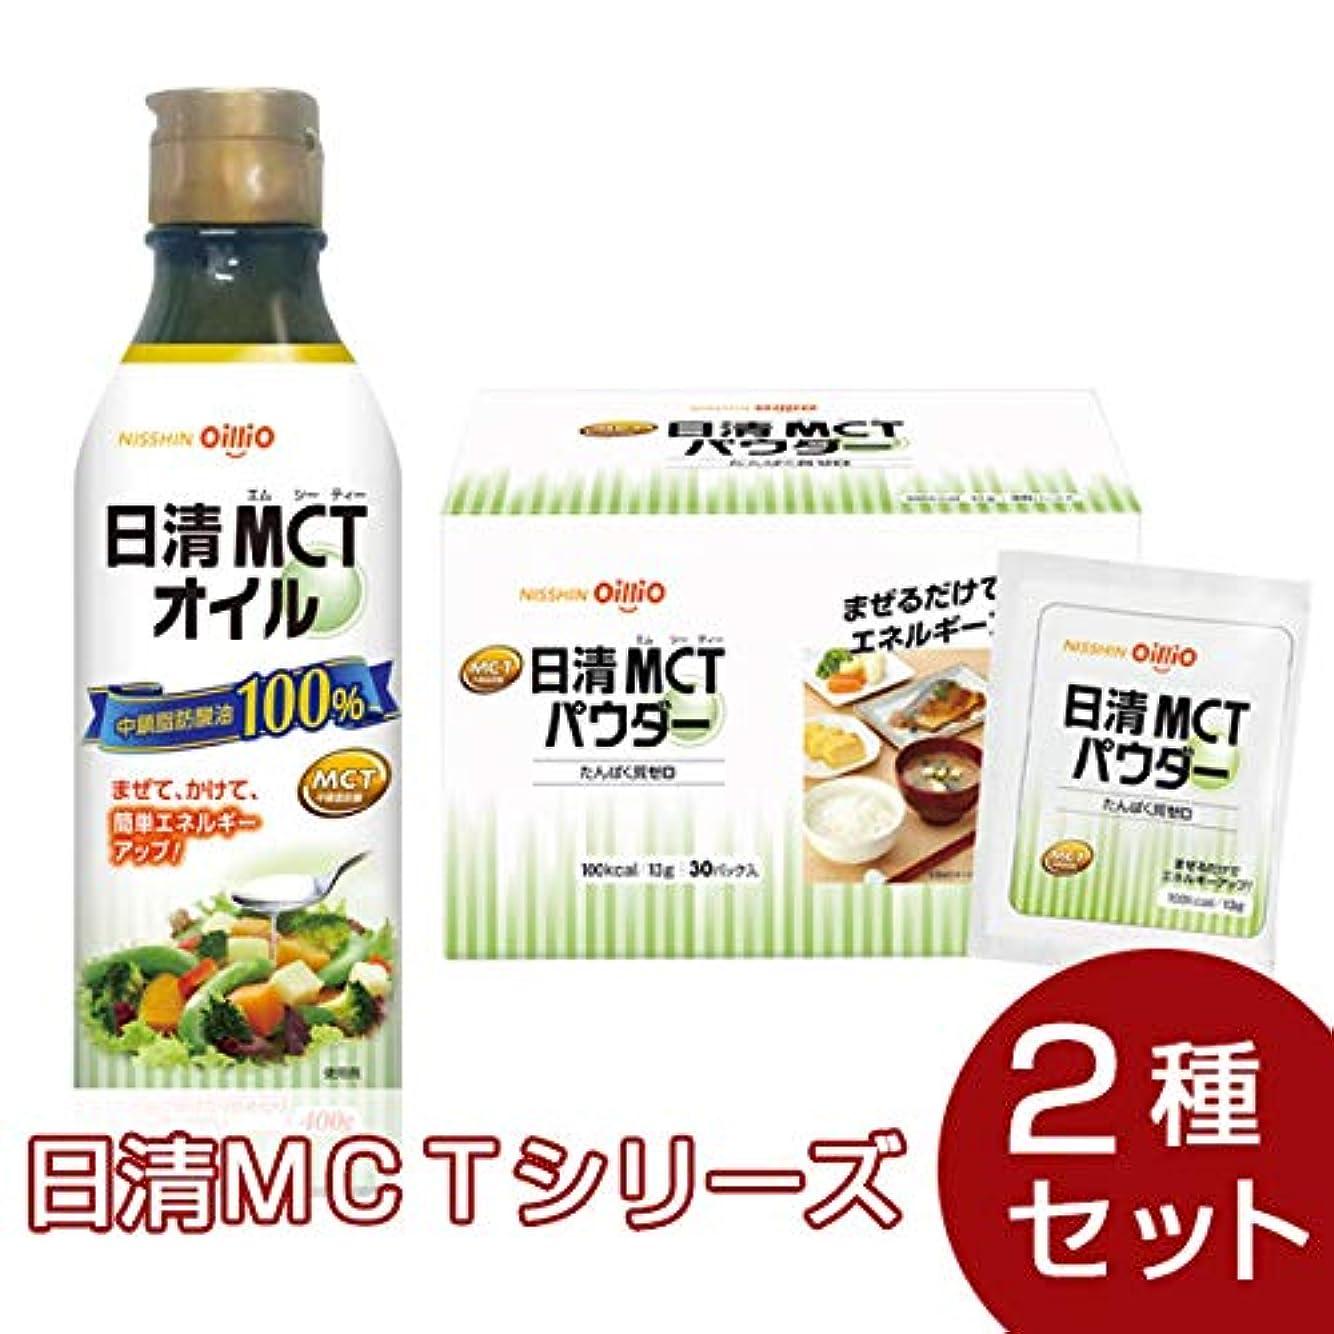 アッティカス事件、出来事貯水池日清MCTシリーズ 2種セット